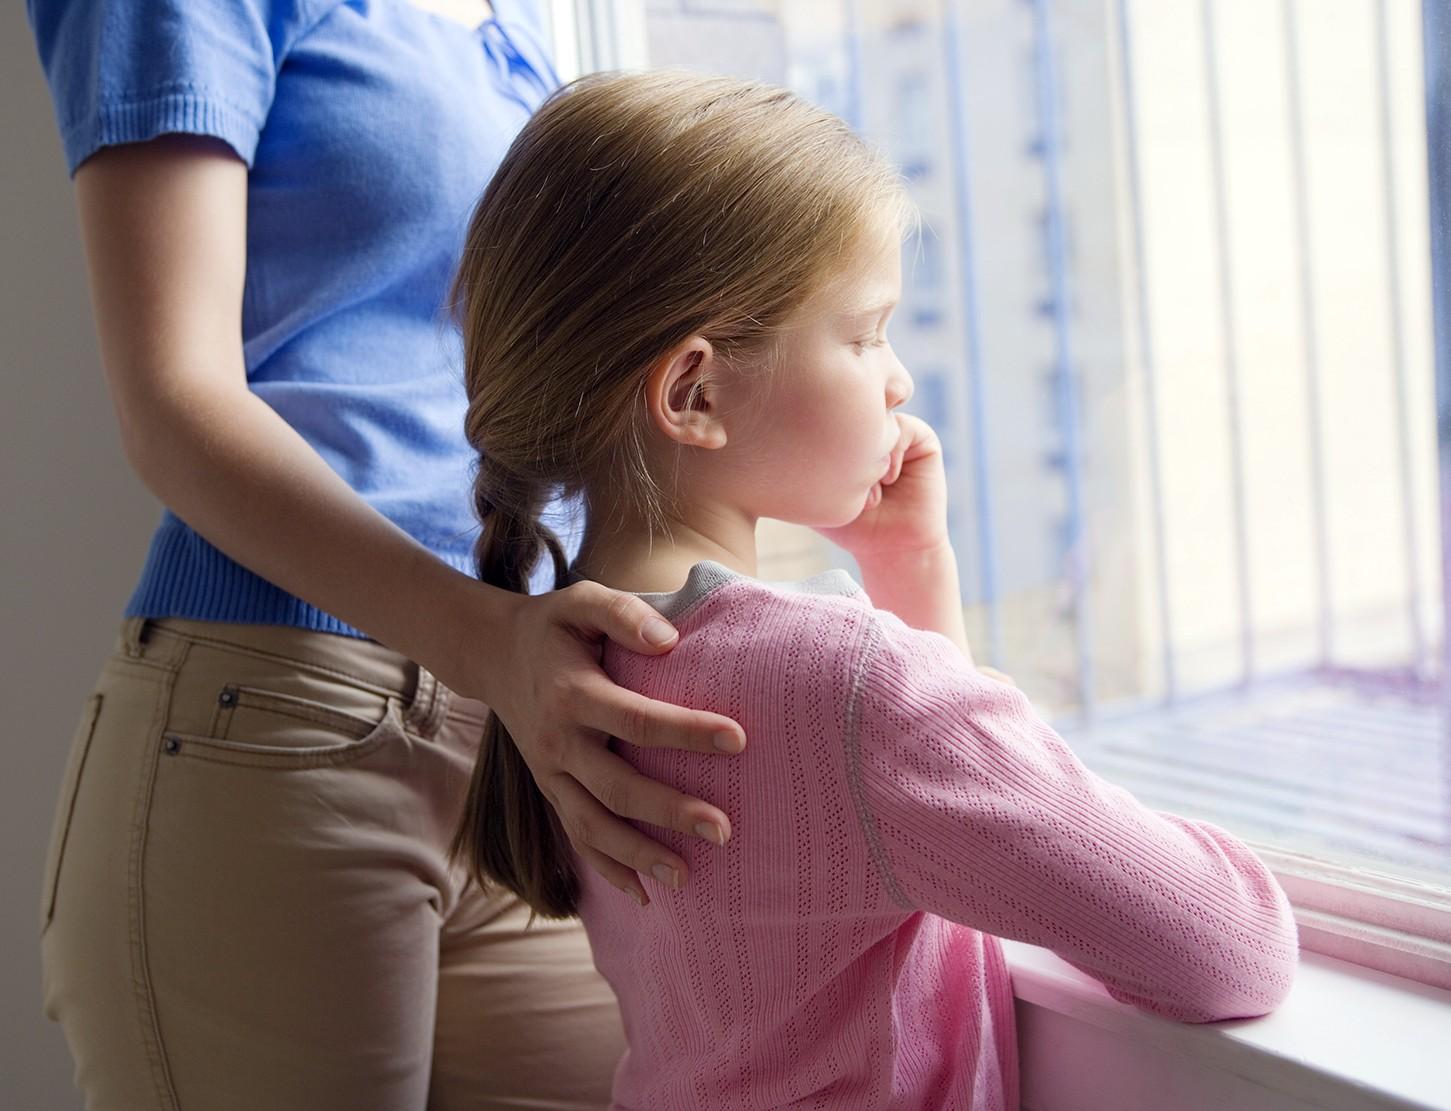 Детская депрессия, причины, признаки, лечение